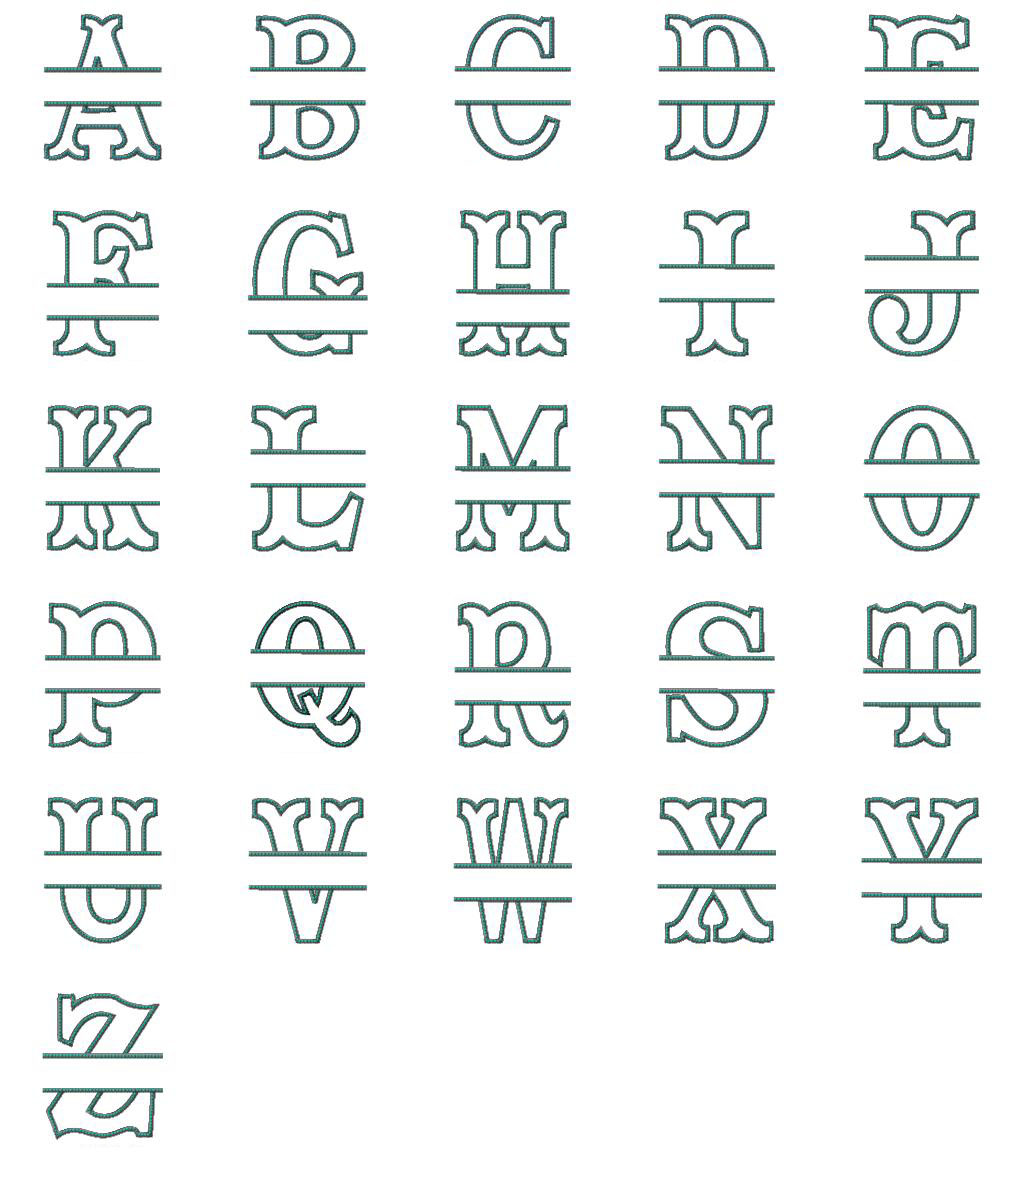 10 split letter fonts images